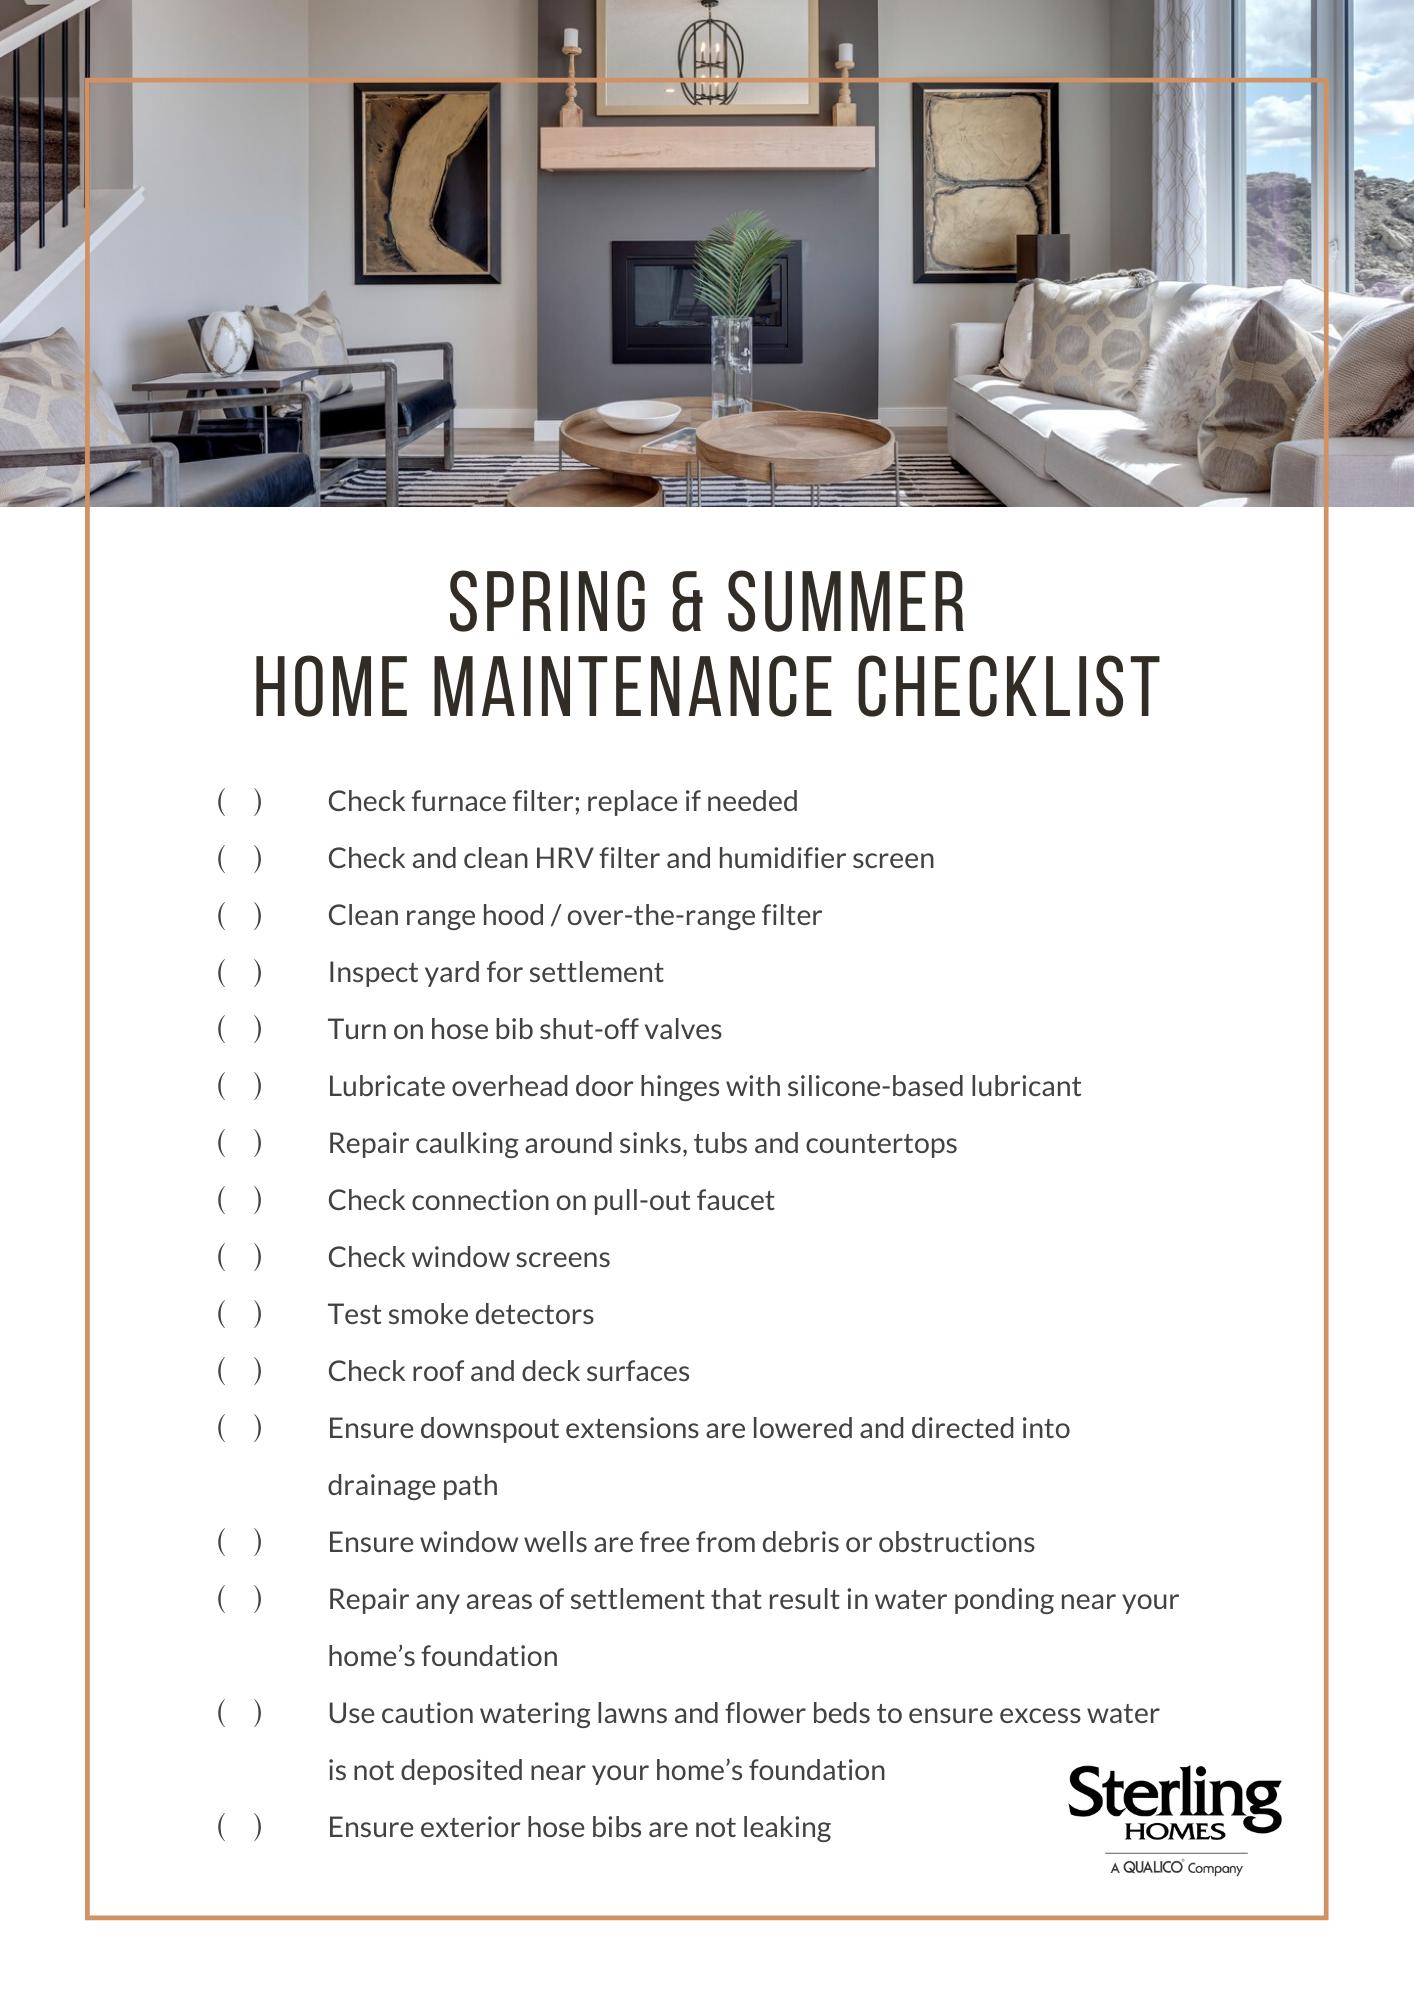 2020.05.21 Home Maintenance Checklist_Spring Summer